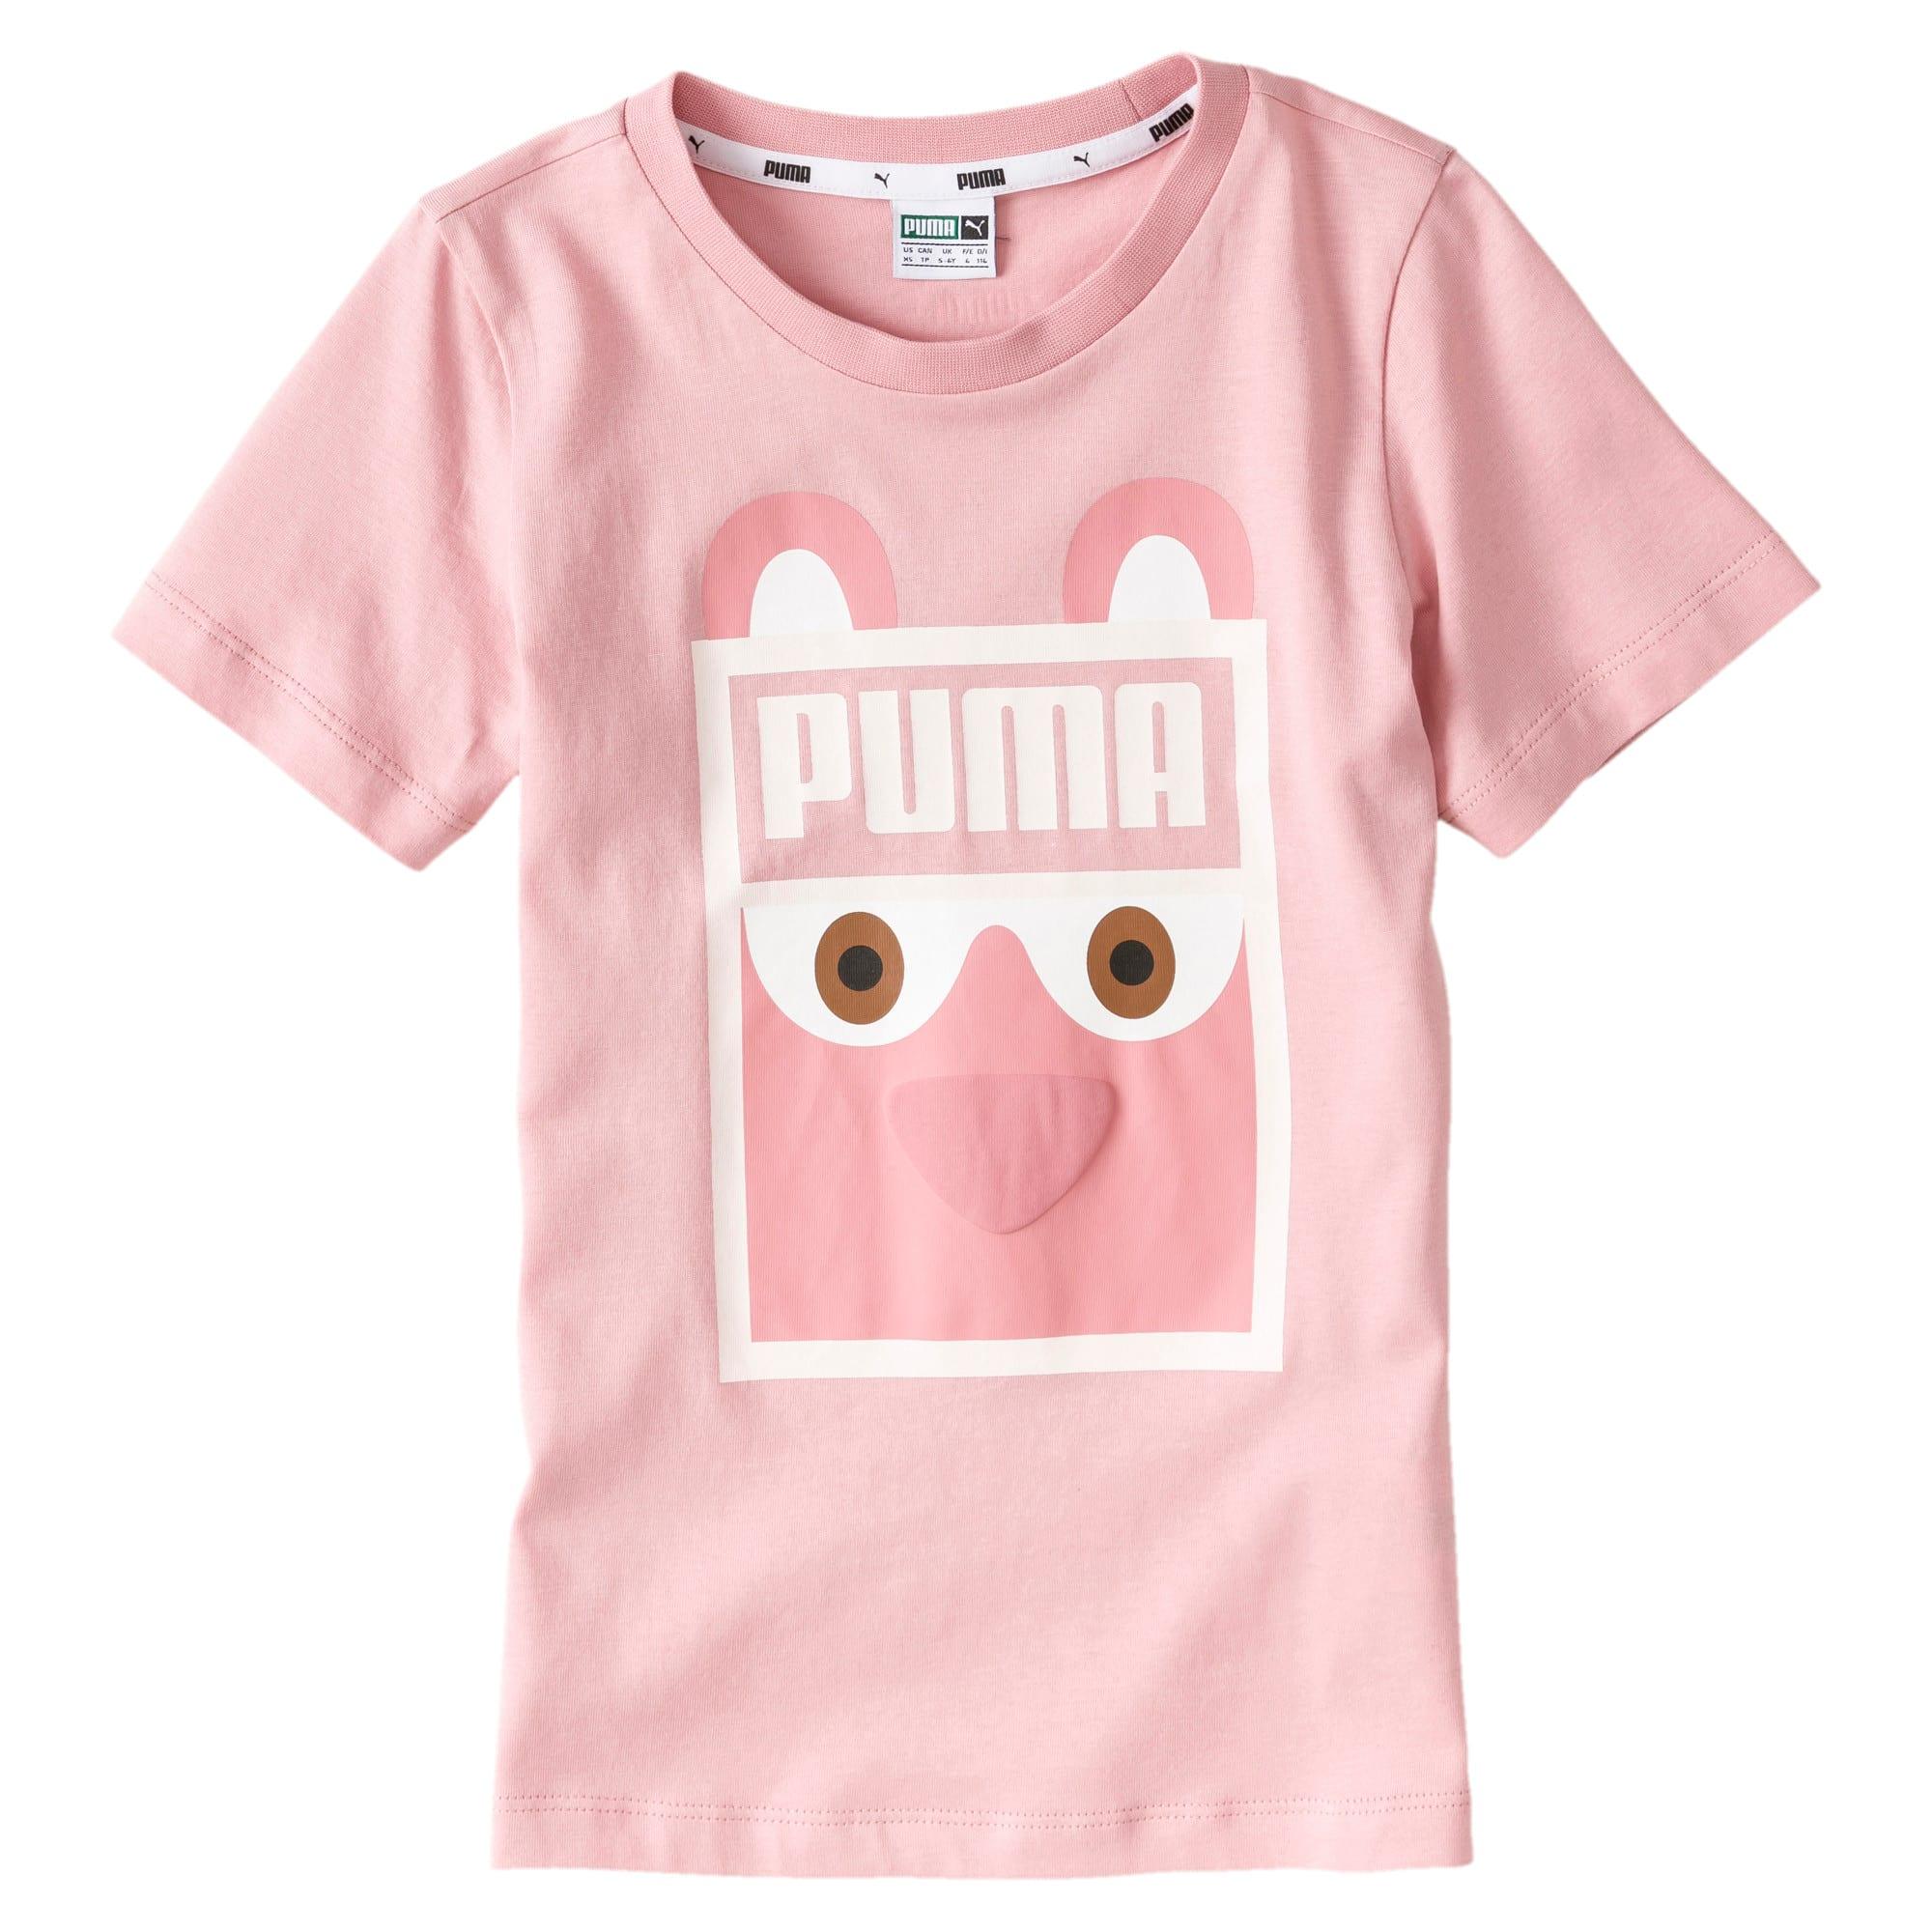 Vignette 1 de T-shirt Monster, nouveau-né + tout-petit, Rose mariée, moyen